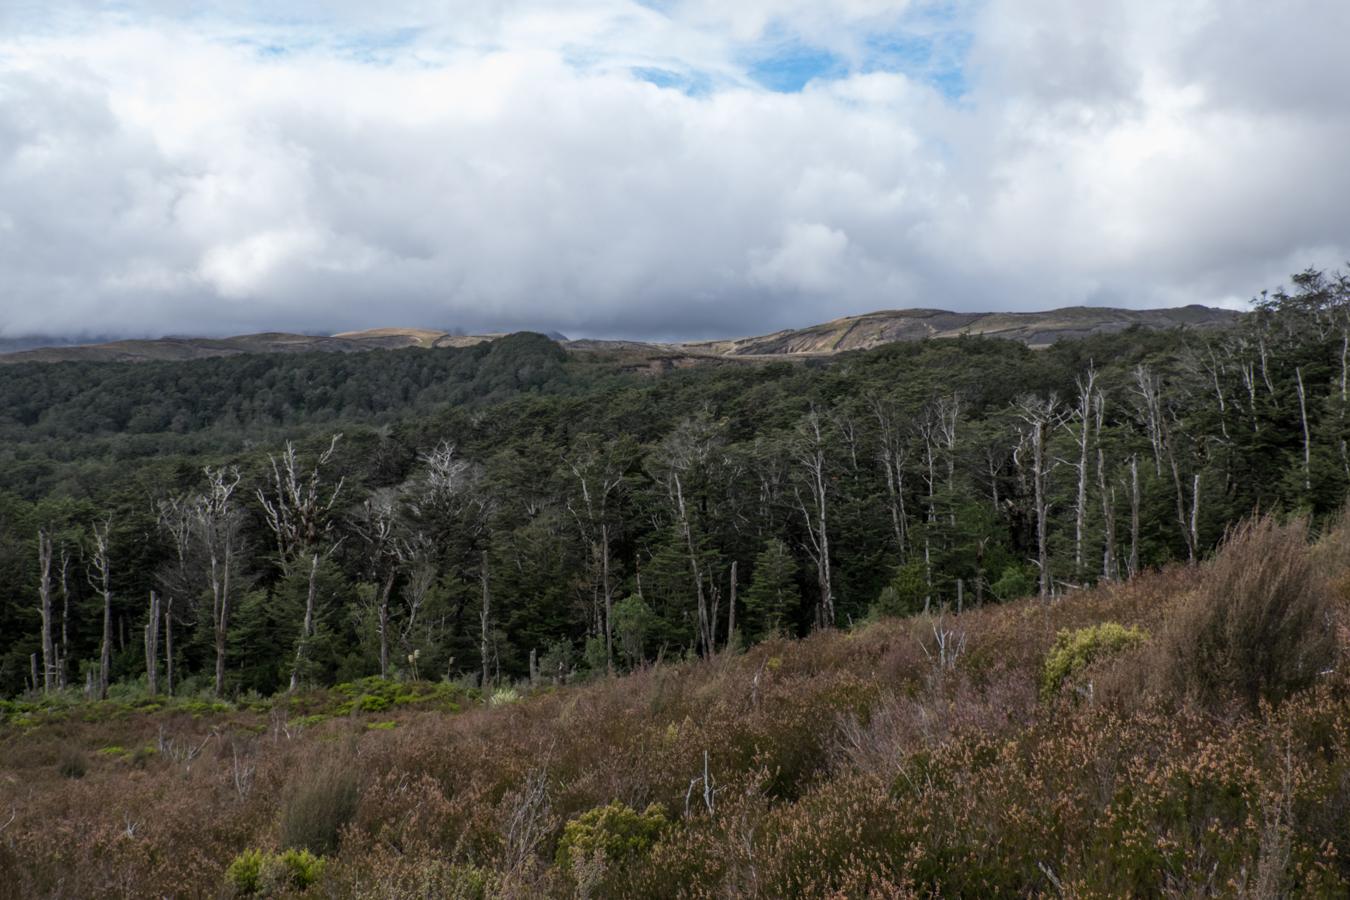 Das letzte Stück Weg, führt durch einen dicht bewachsenden Wald